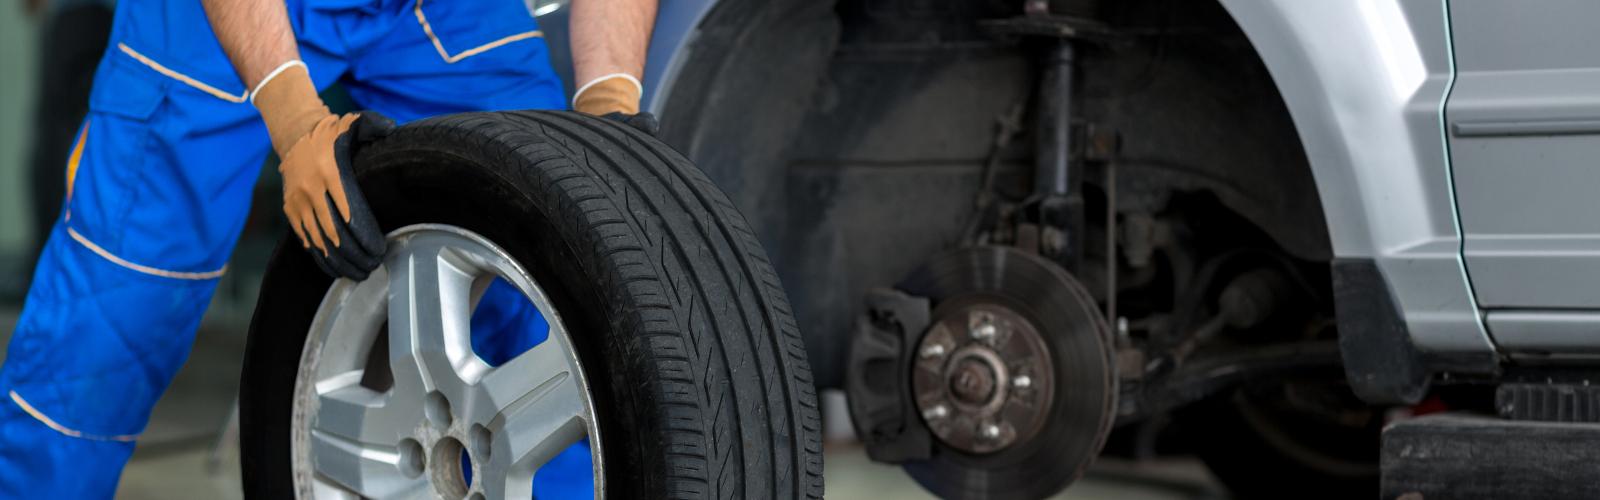 Ron Costella Tyres & One Way Garage